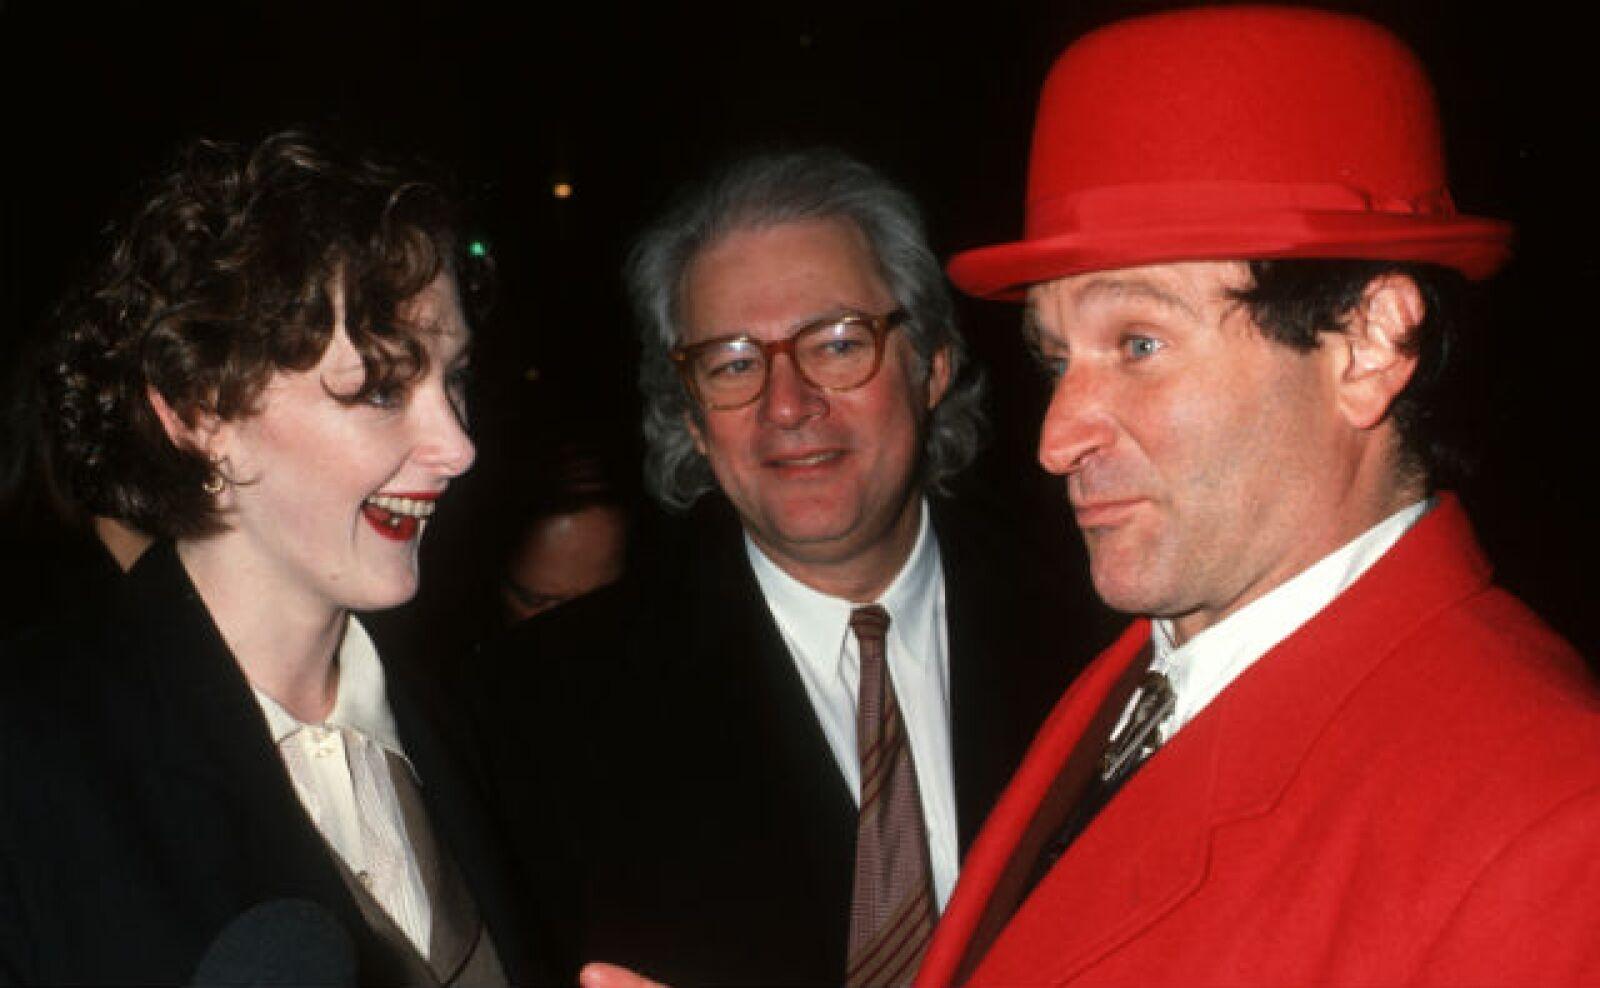 Joan Cusack y Robin durante sus momentos entrañables previo a la premiere d ela cinta Toys en 1992.